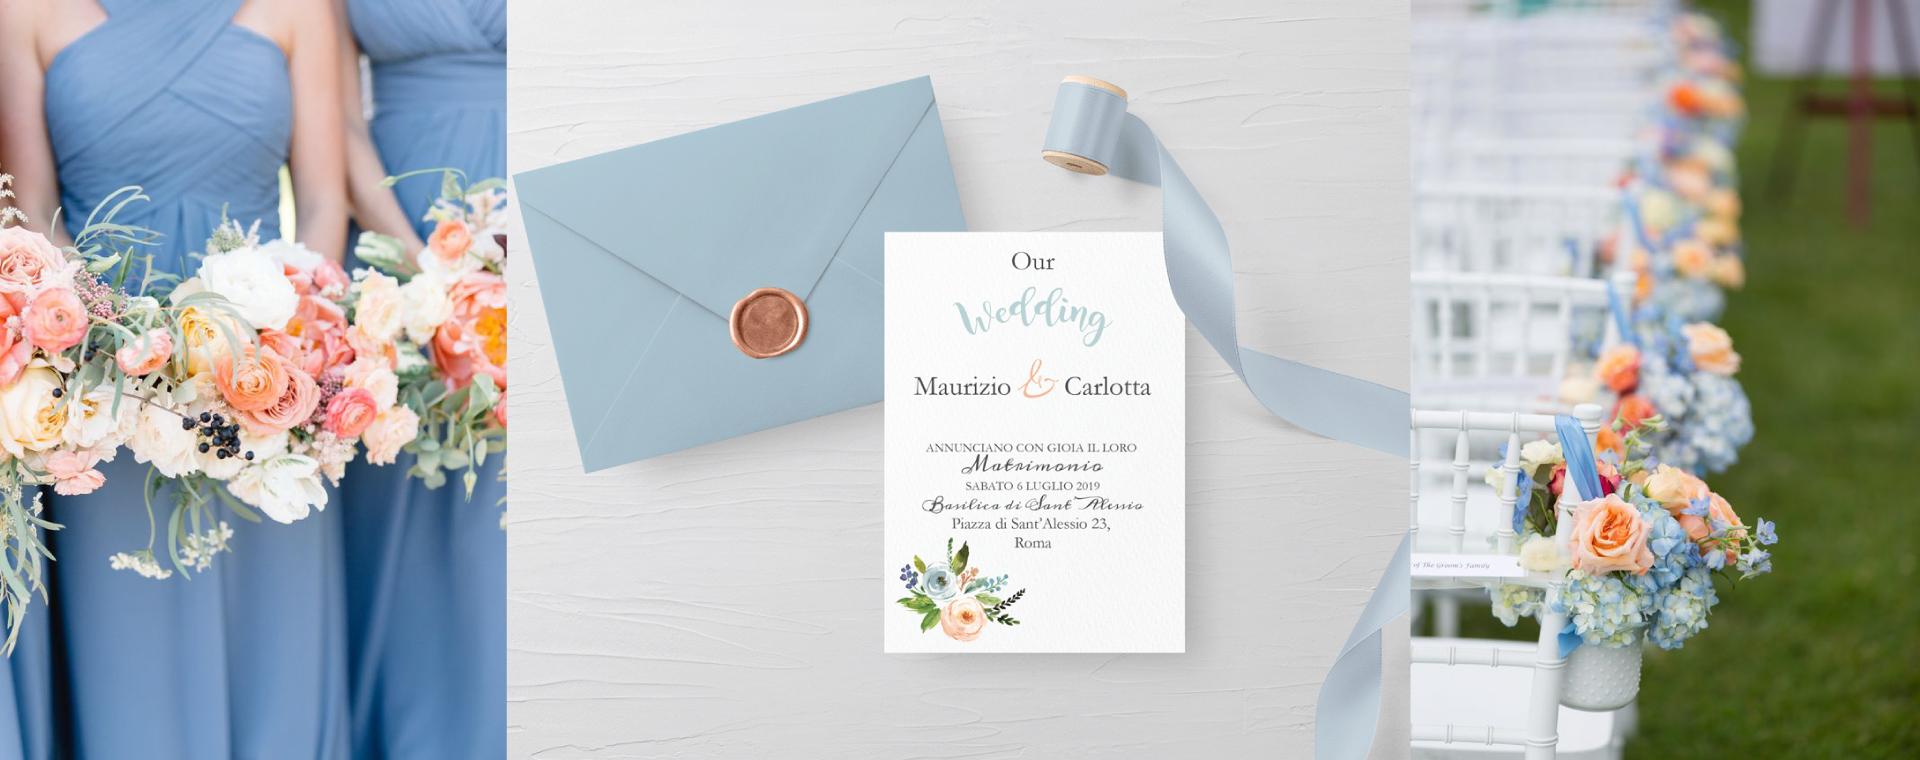 Partecipazioni nozze dusty blue